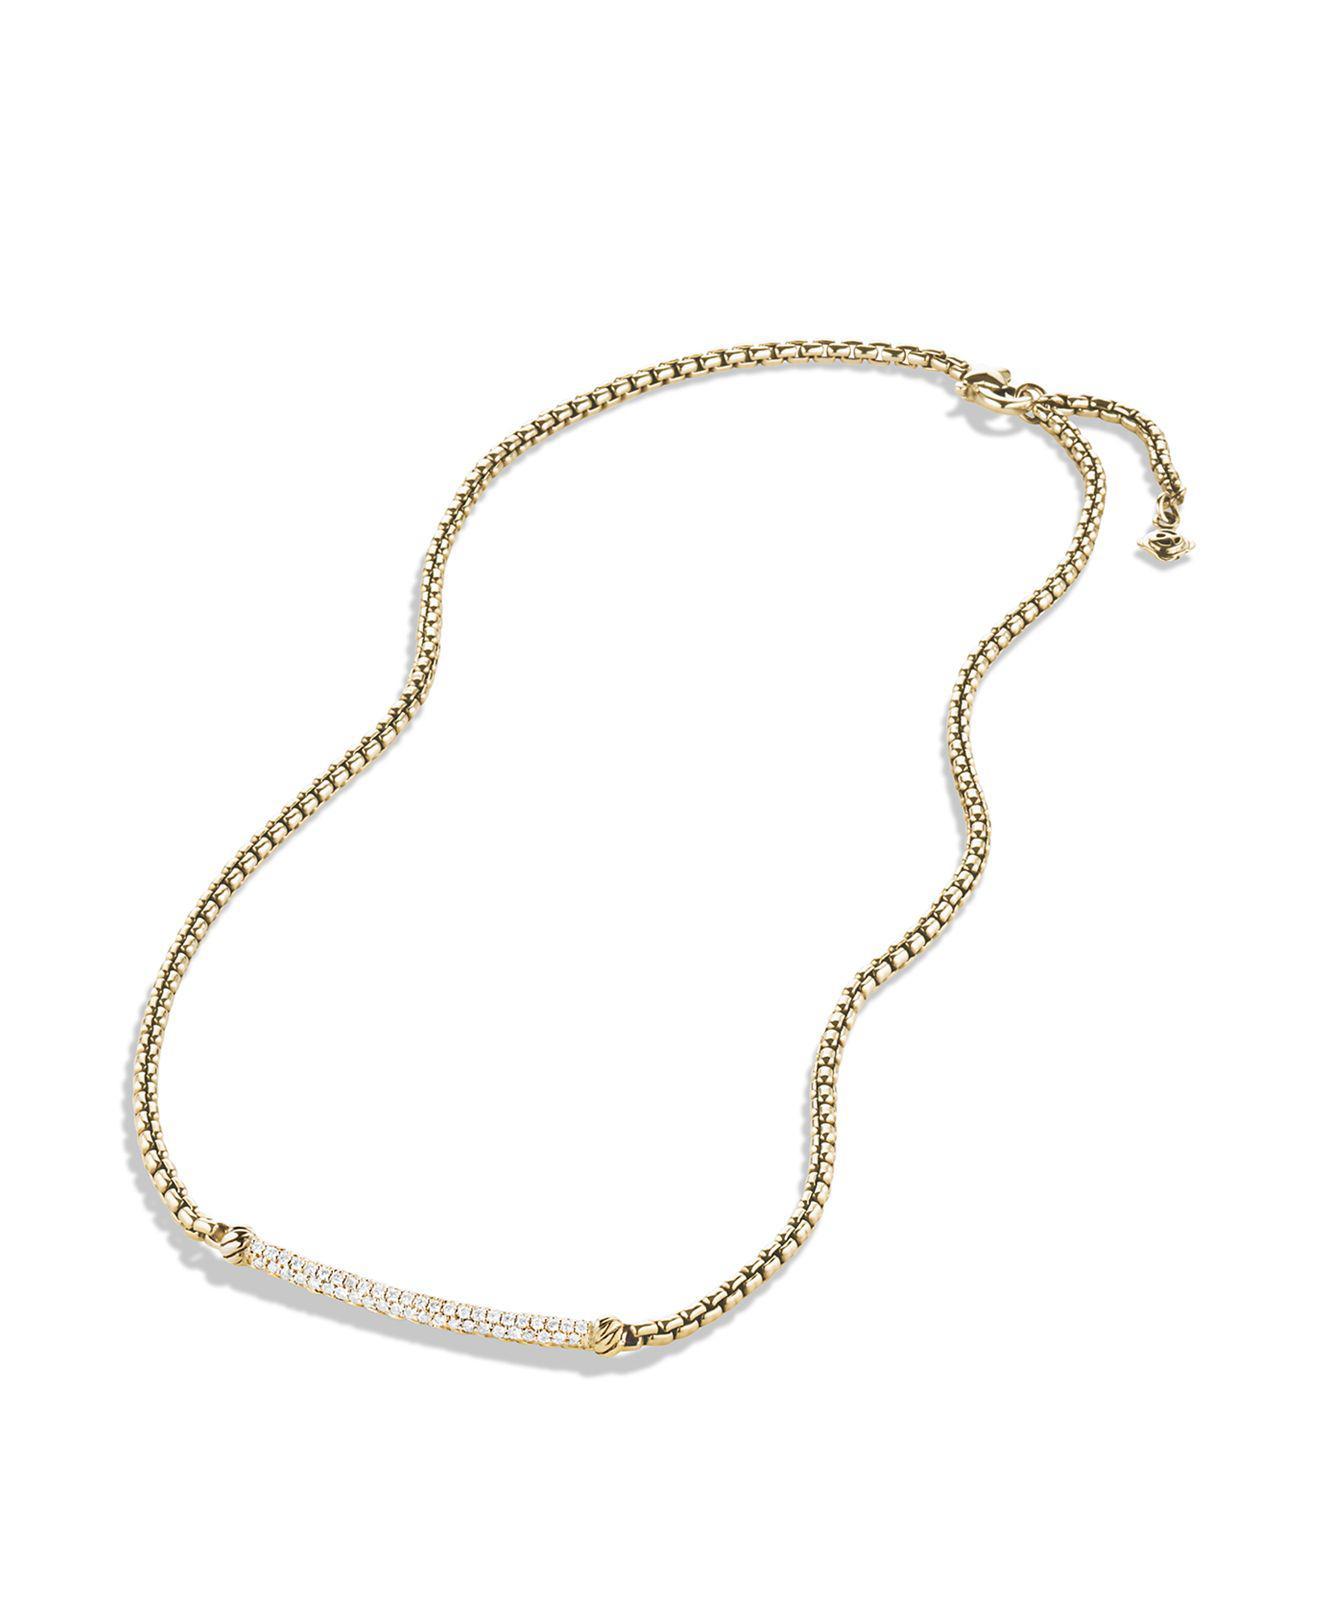 Lyst David Yurman Petite Pav Metro Chain Necklace With Diamonds